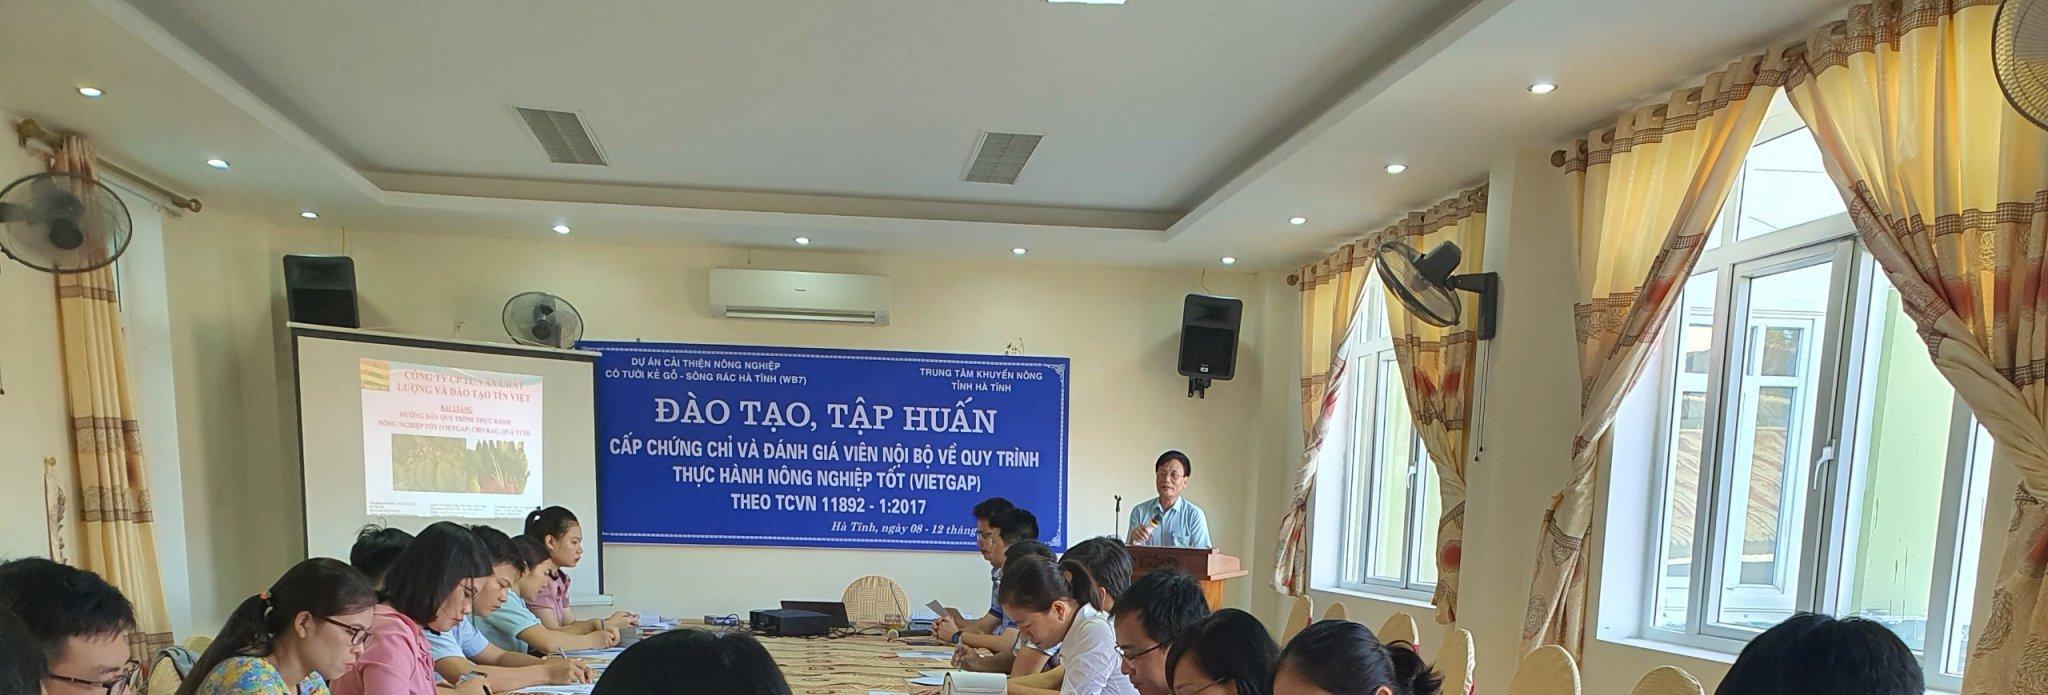 Khai giảng lớp tập huấn cấp chứng chỉ và đánh giá viên nội bộ về quy trình thực hành nông nghiệp tốt (VietGAP)